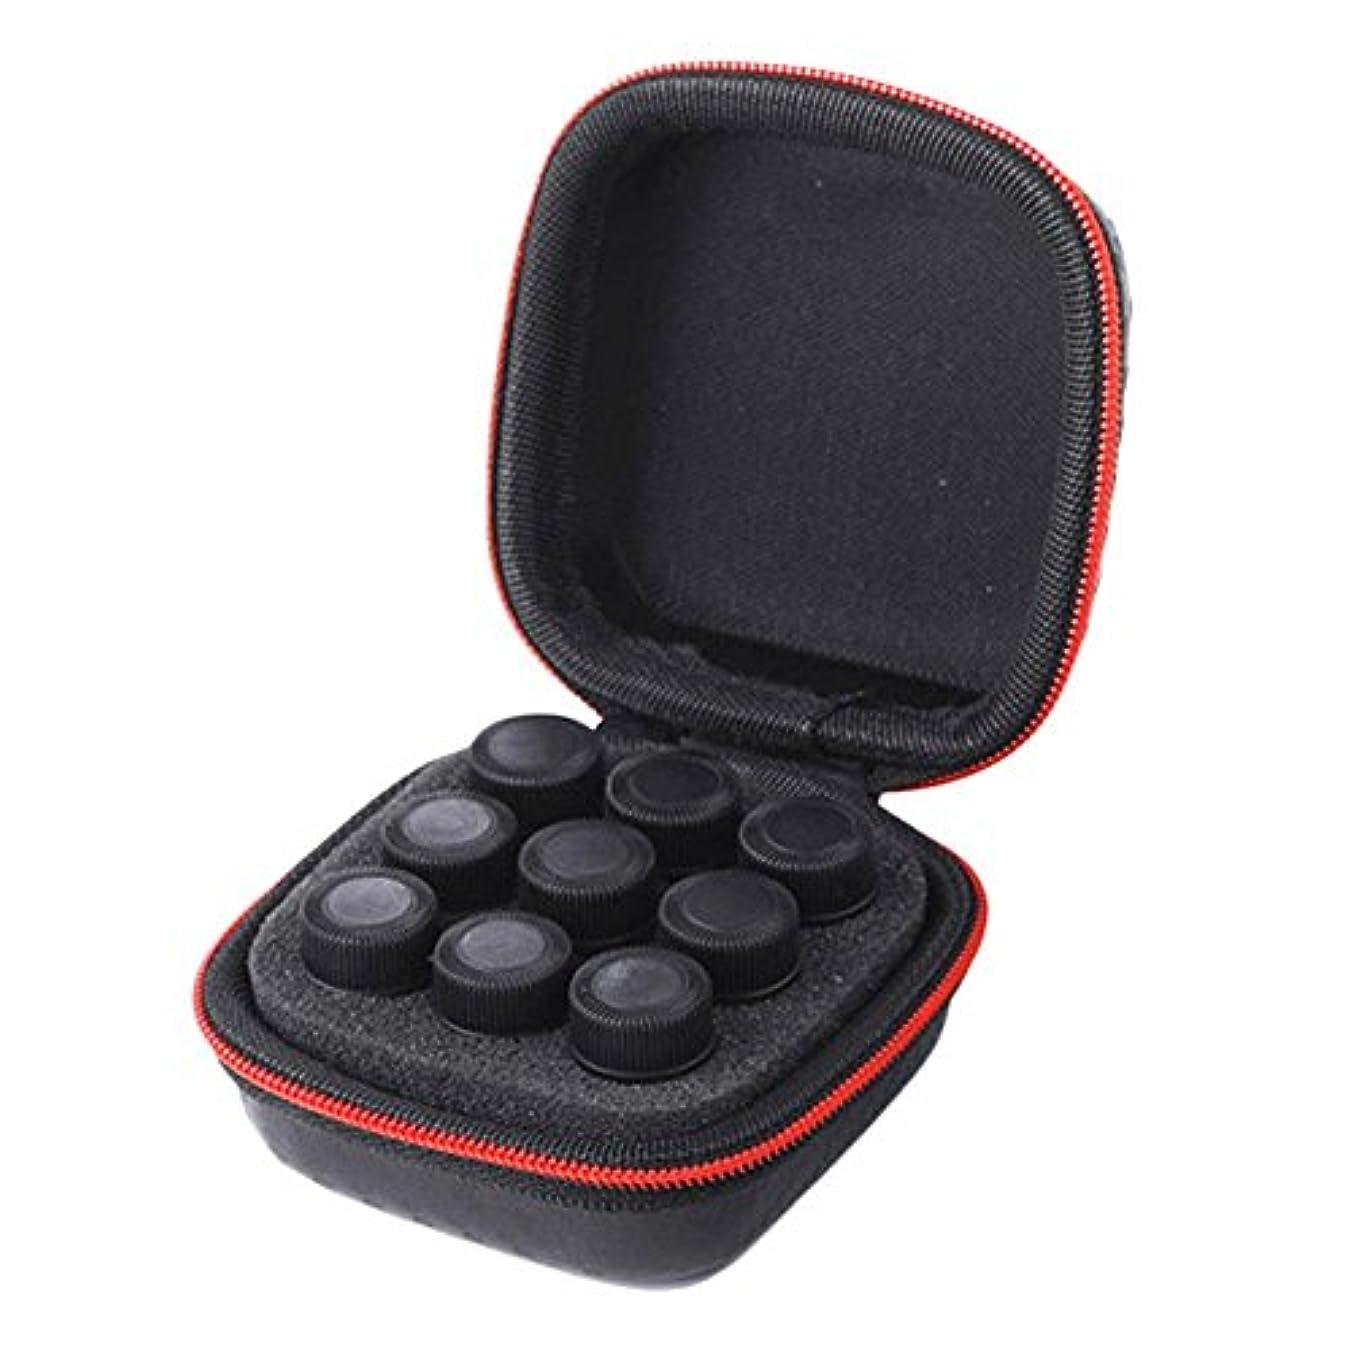 ウィスキー近代化するメッシュPursue エッセンシャルオイル収納ケース アロマオイル収納ボックス アロマポーチ収納ケース 耐震 携帯便利 香水収納ポーチ 化粧ポーチ 9本用